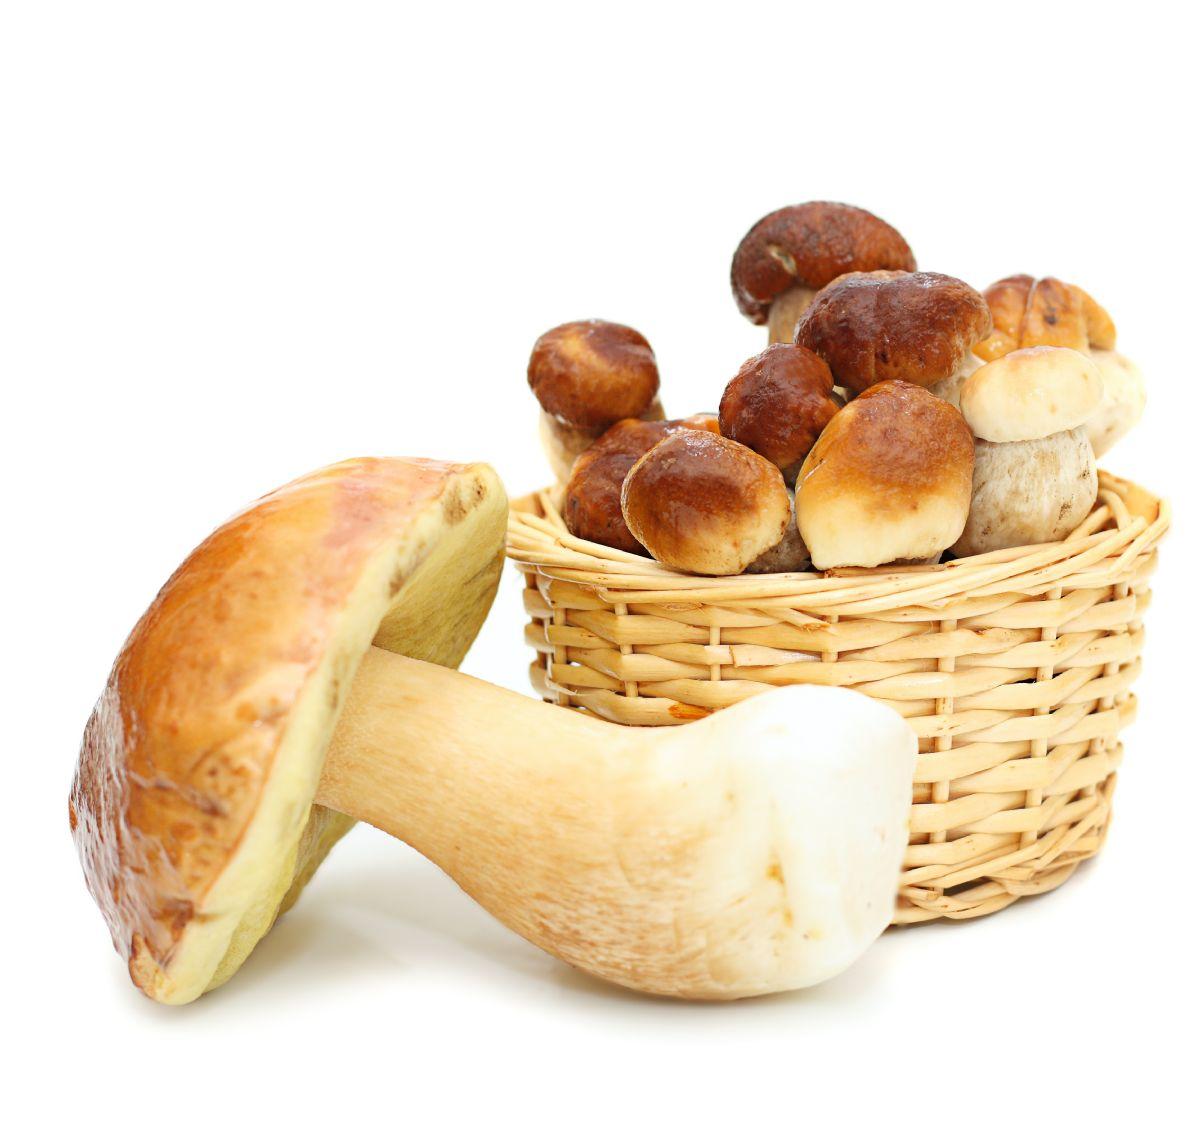 Funghi, i tesori del sottobosco